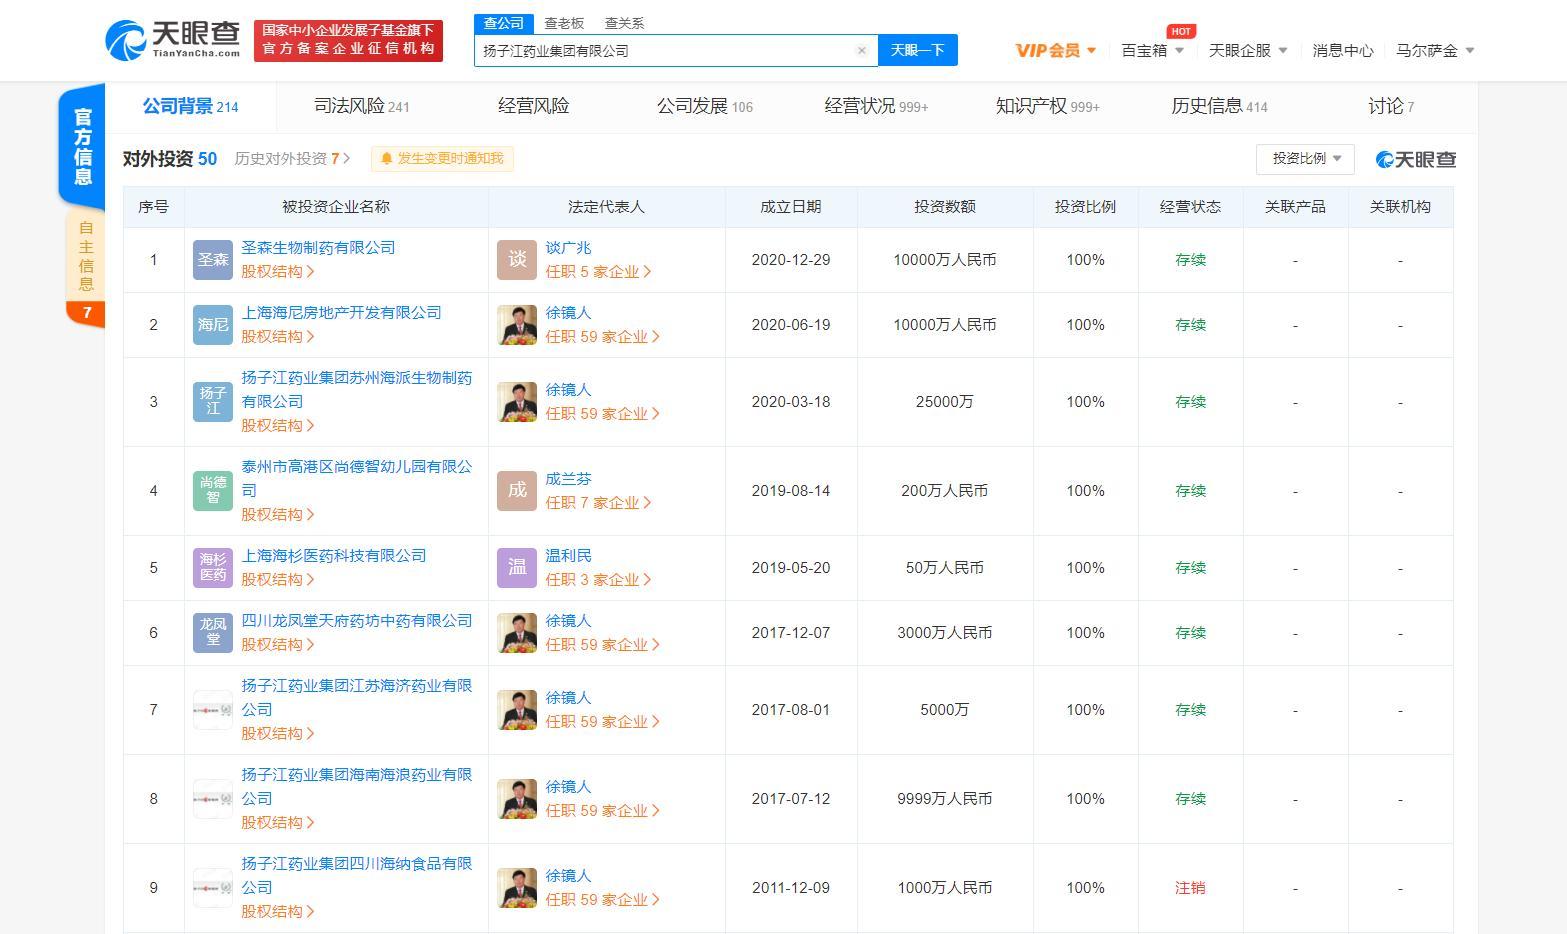 扬子江药业实施垄断协议被罚7.64亿,原料药垄断成重点监管领域